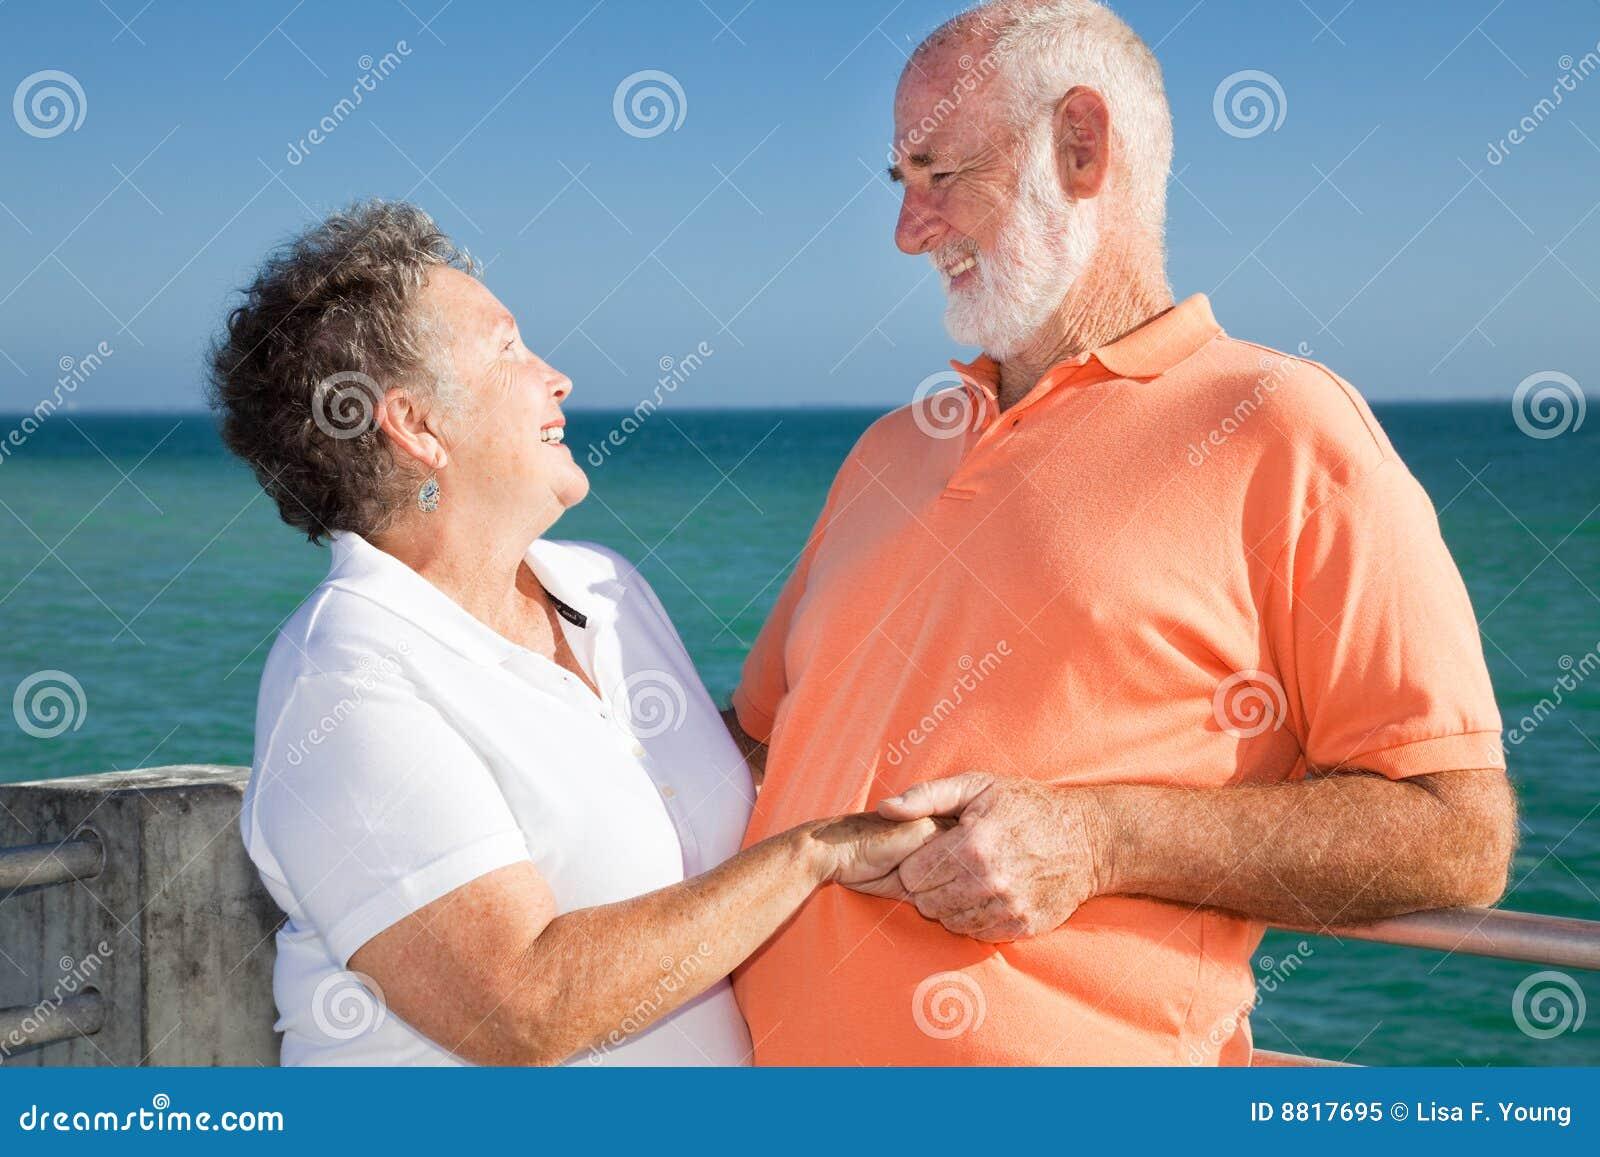 Romantic Senior Getaway